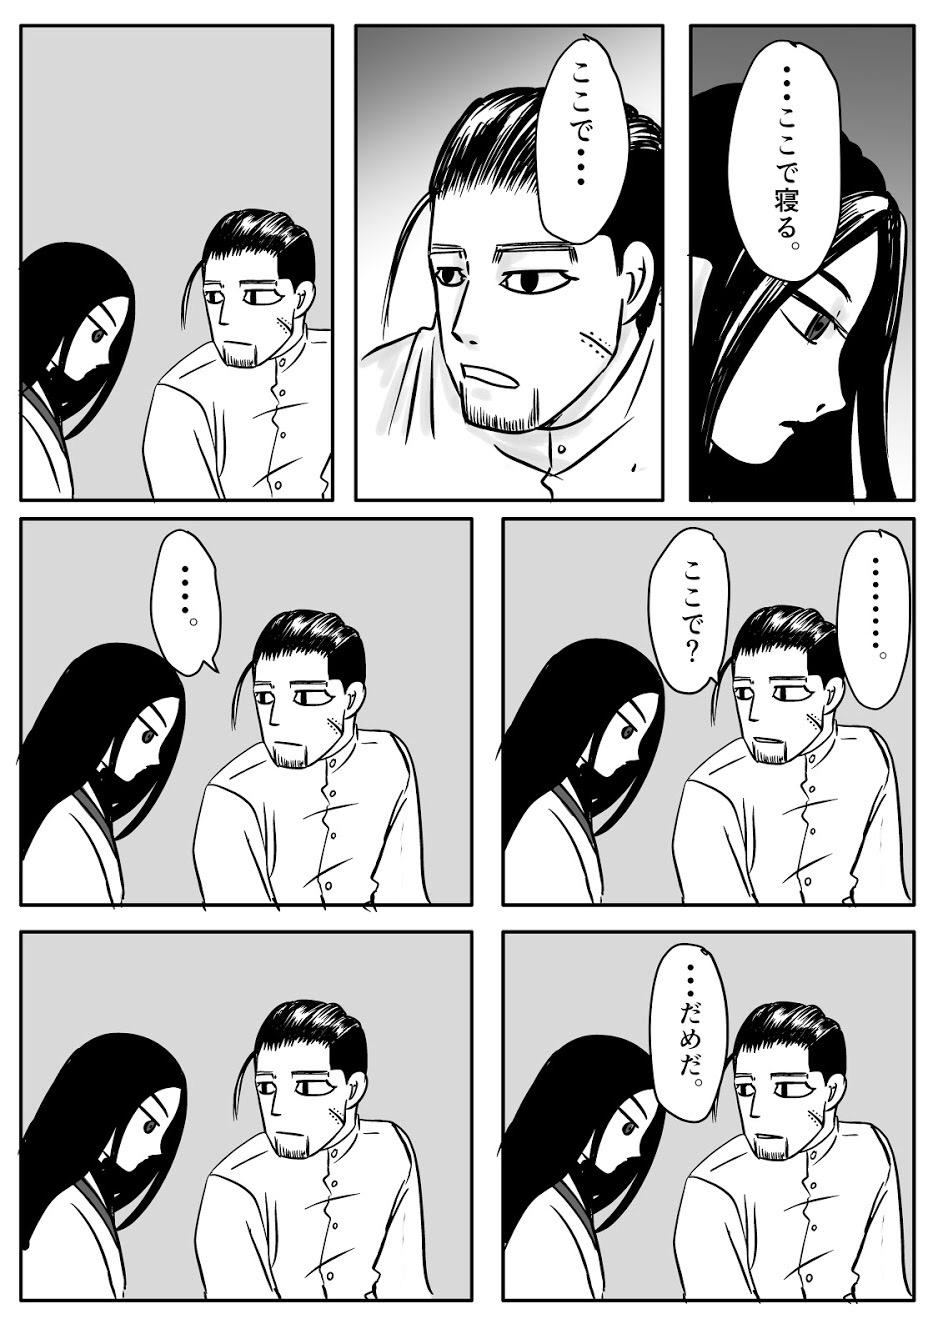 Toko no Koto 4